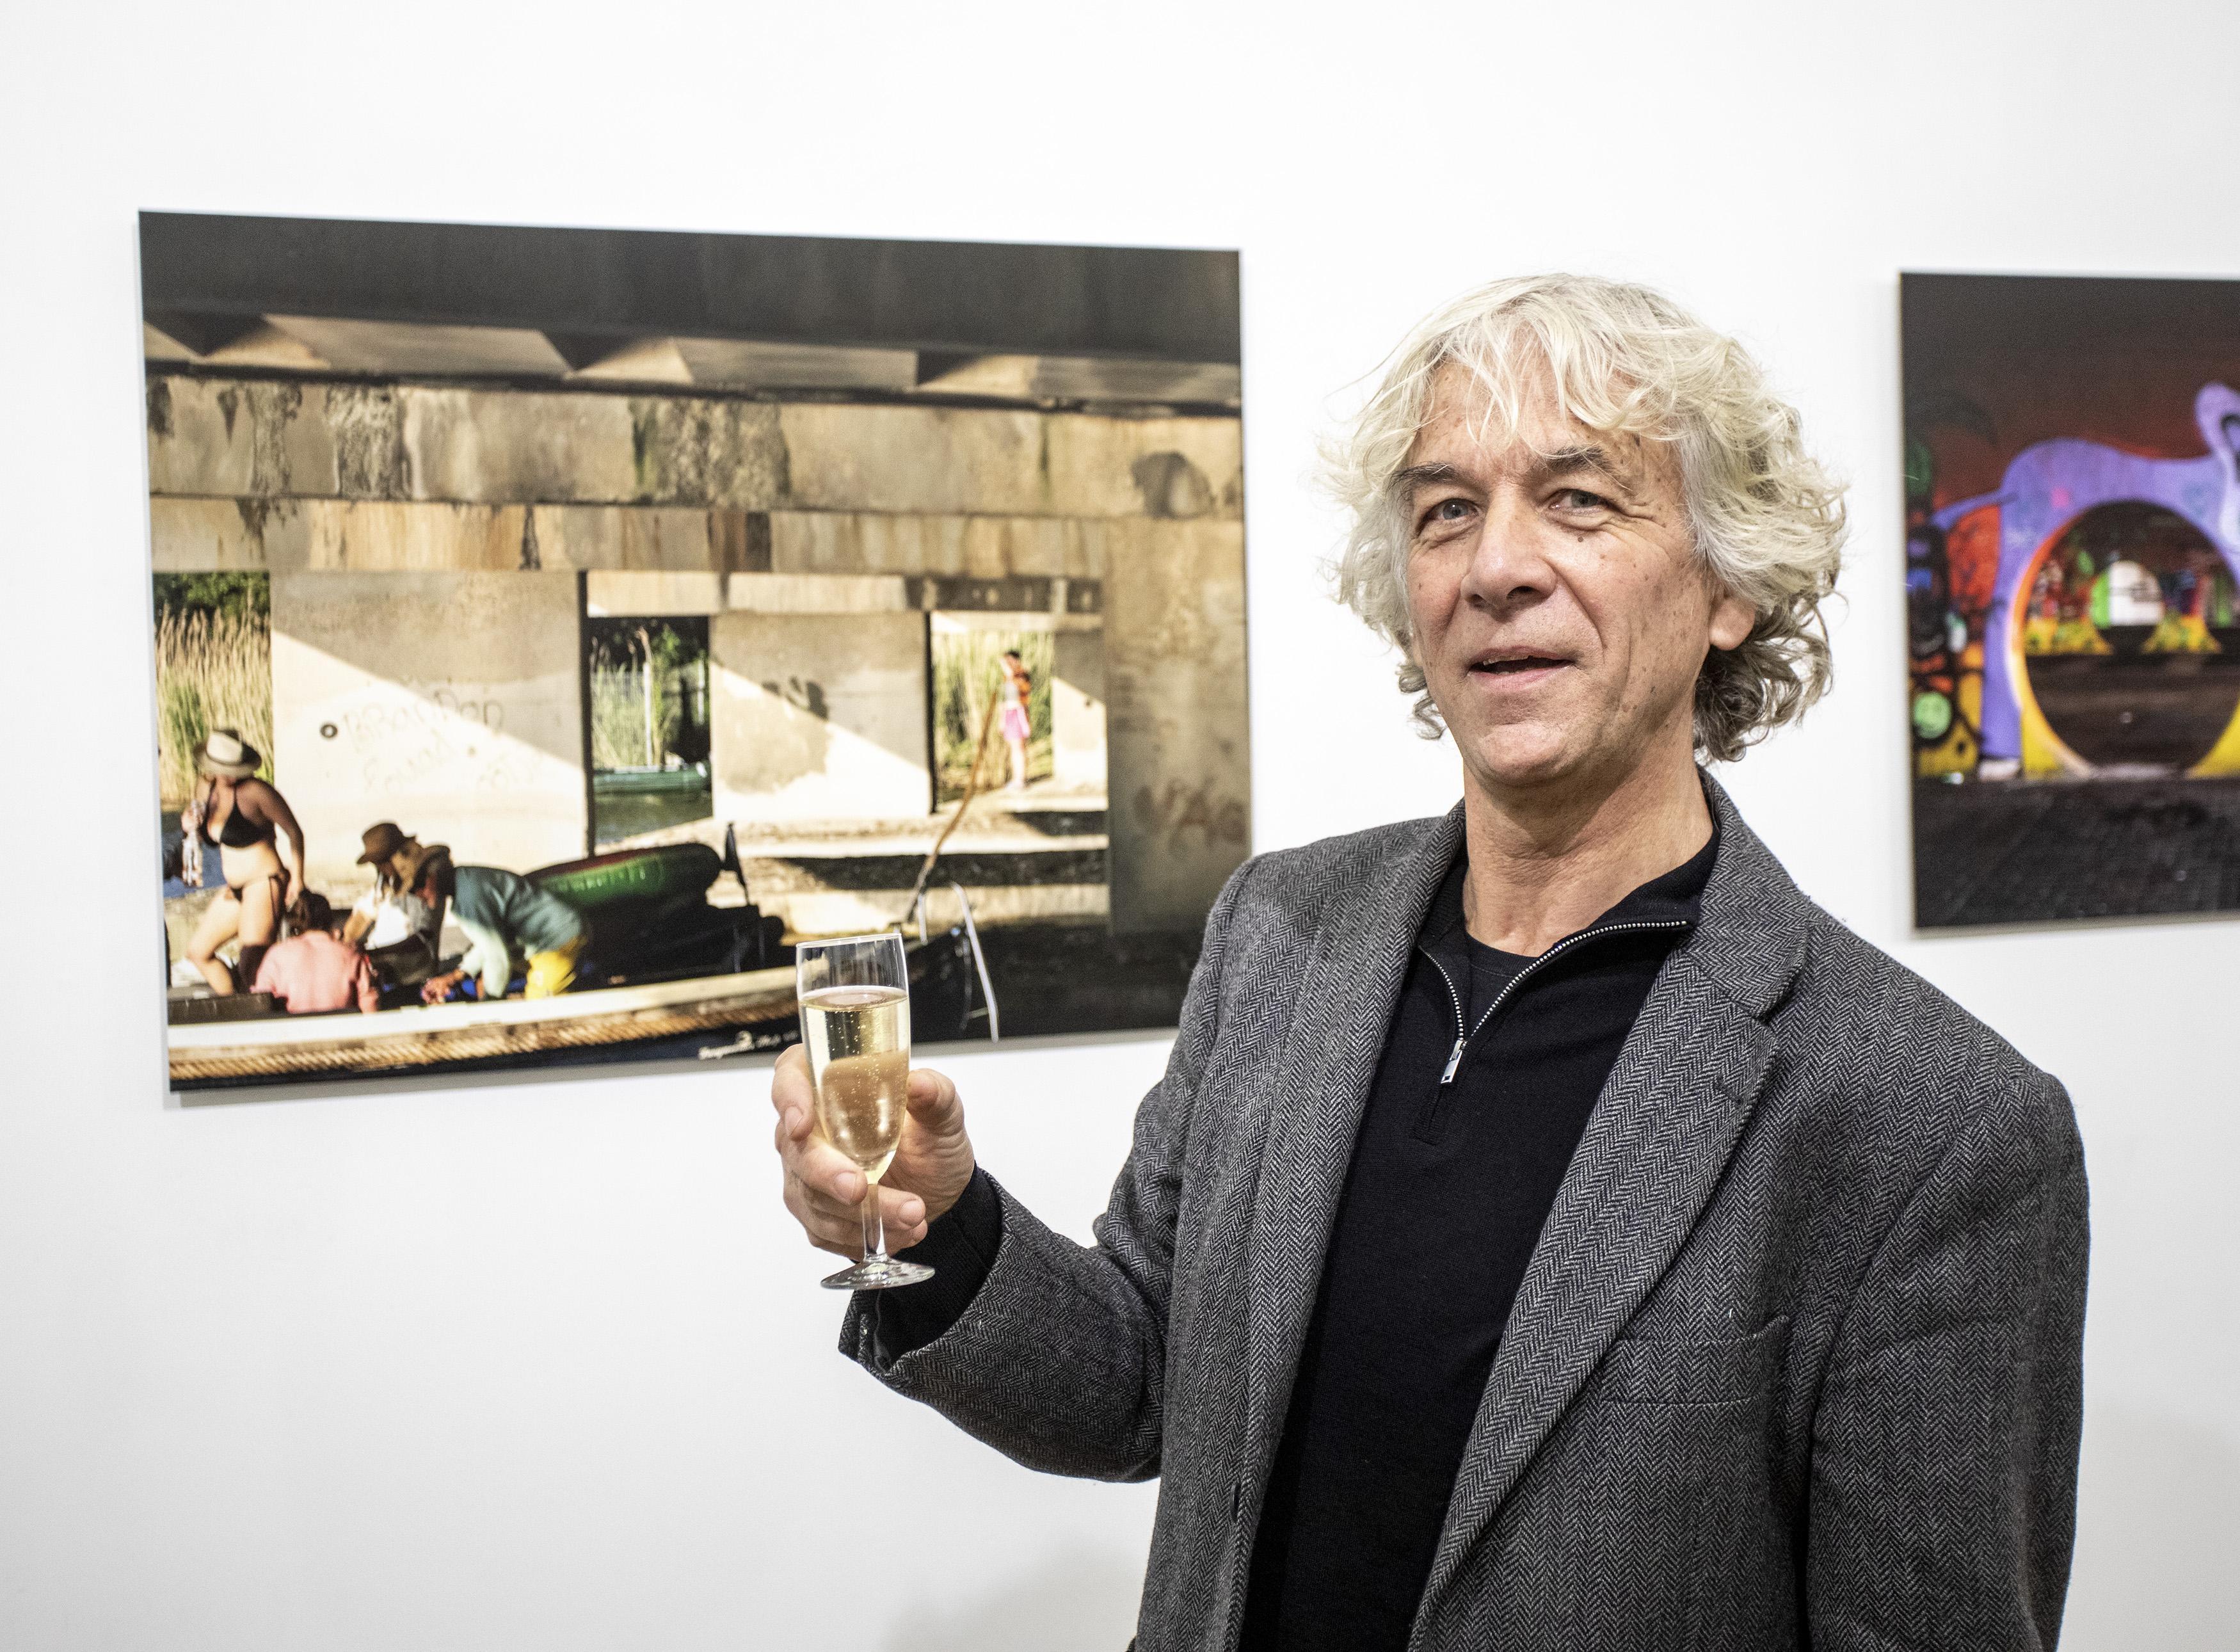 Peter Erkelens wint fotowedstrijd 'Ongezien Haarlem' met zonnig vaar-tafereel: 'Prachtig, prikkelend lichtspel'